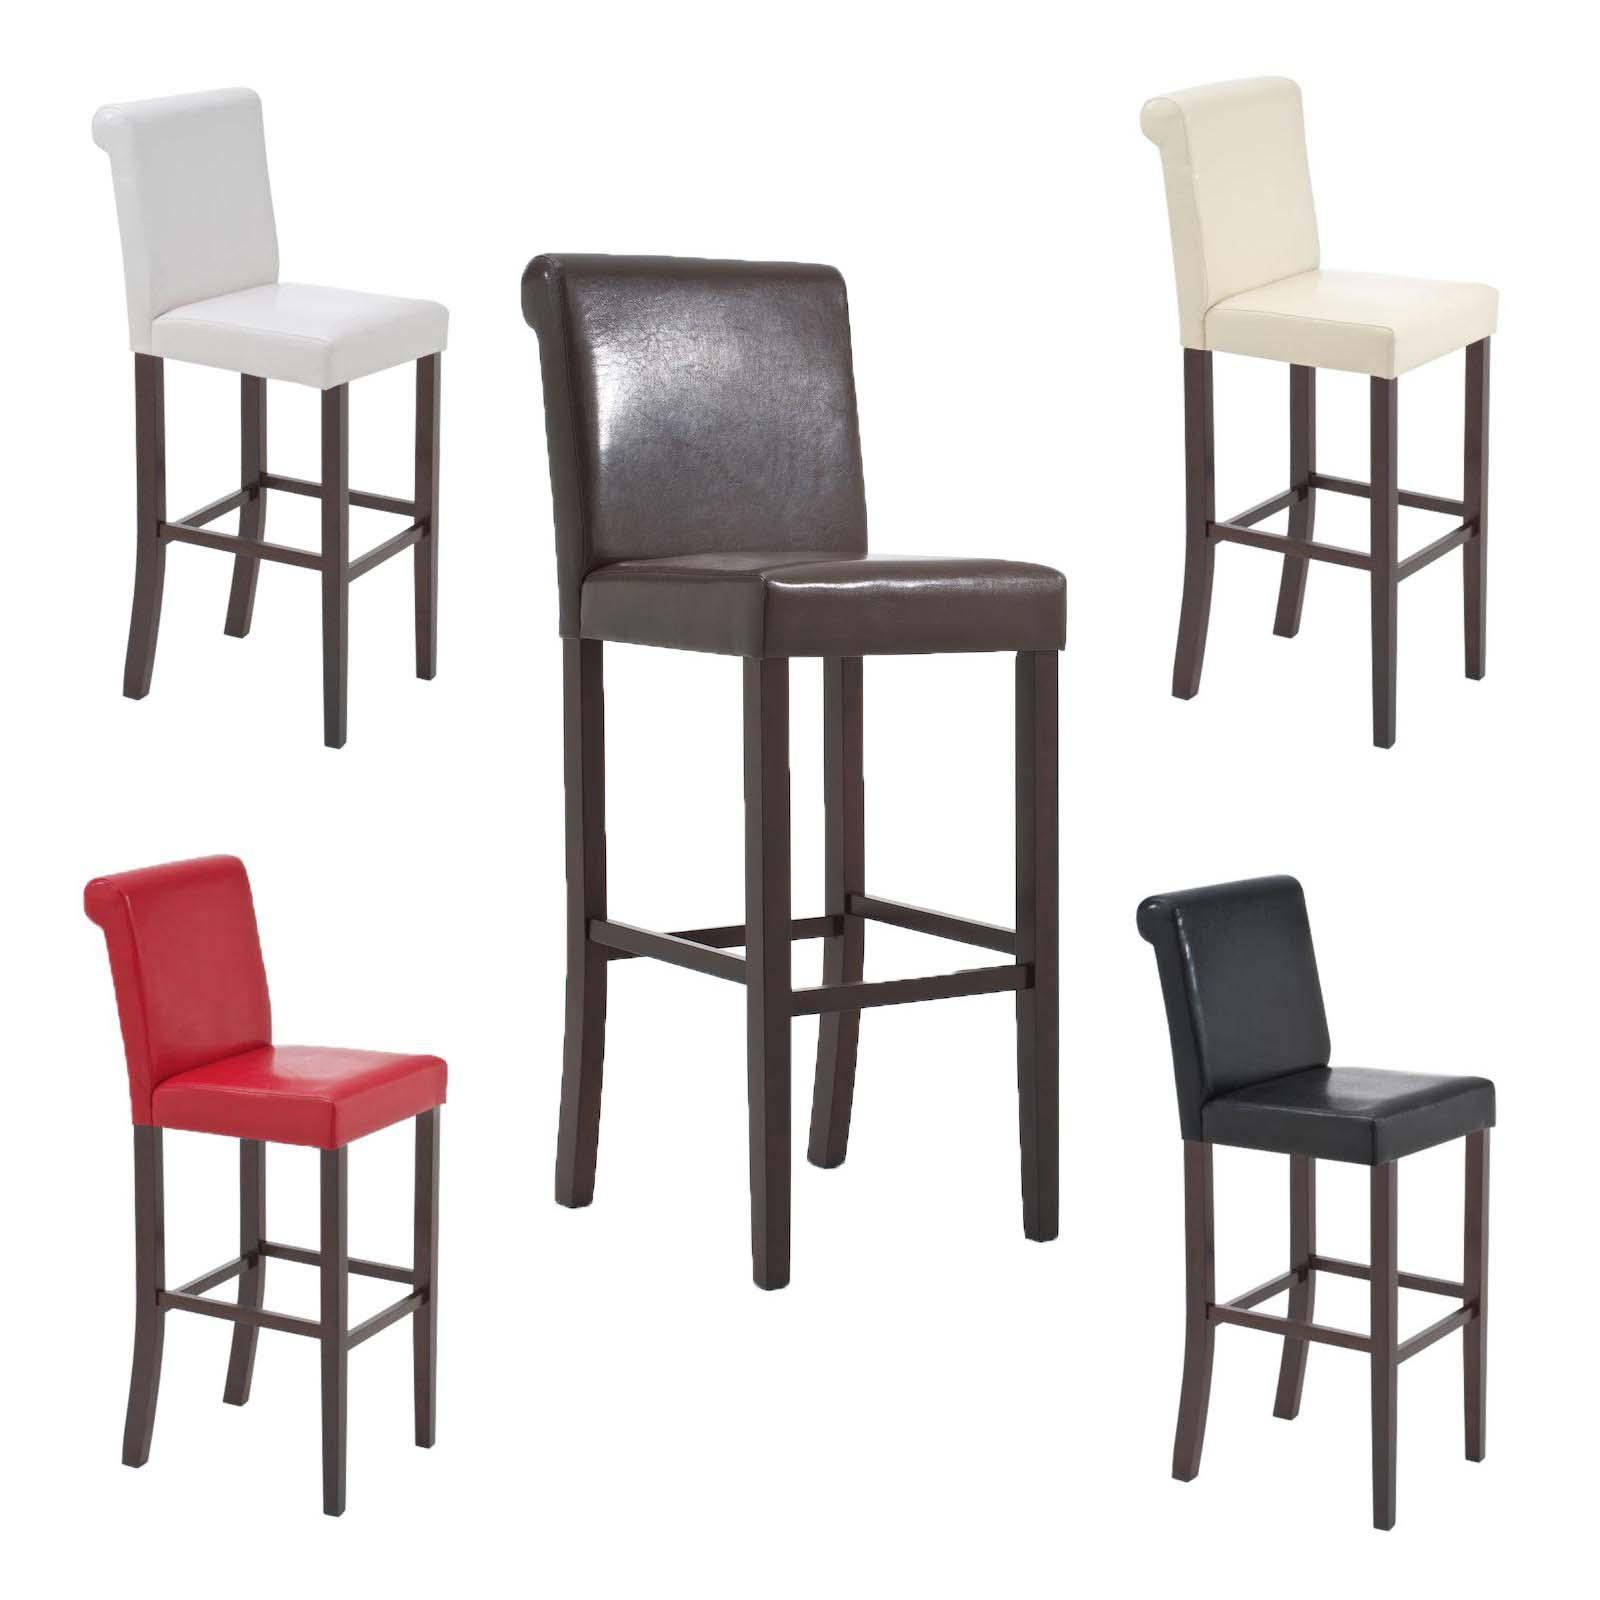 Tabouret de bar peggy chaise fauteuil cuisine am ricain for Chaise de bar cuisine